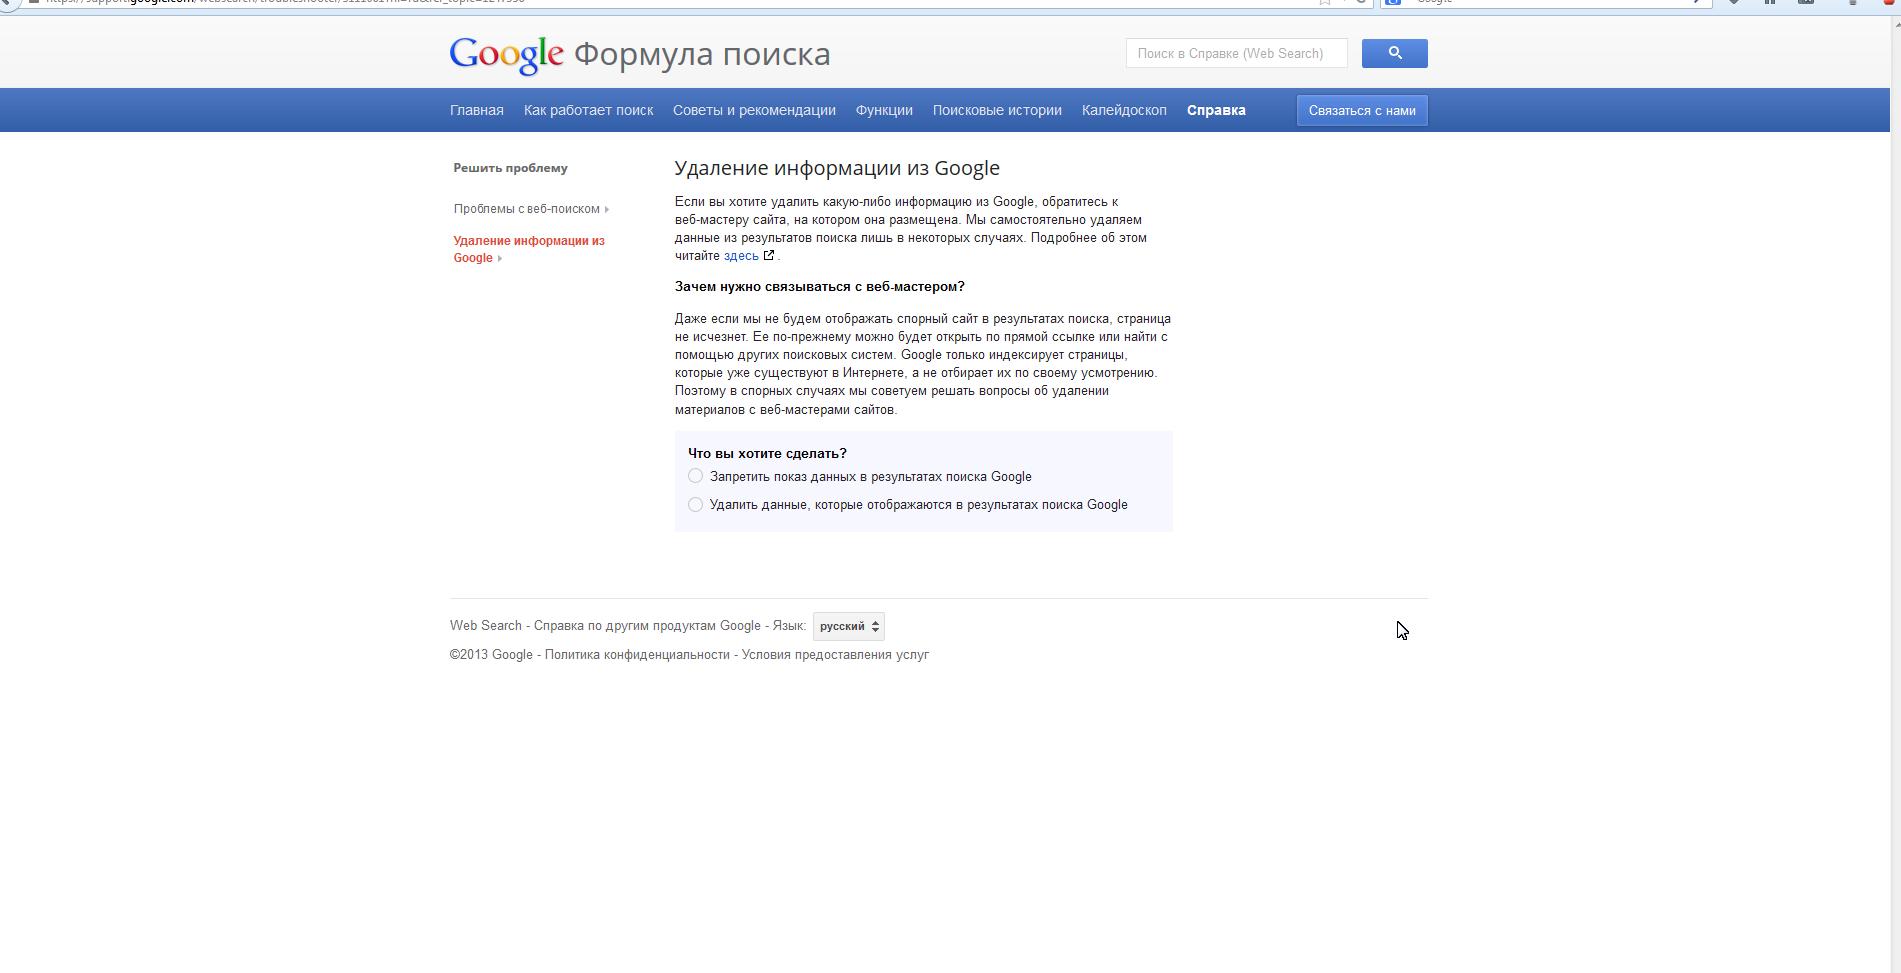 Как сделать так чтобы гугл не находил 95